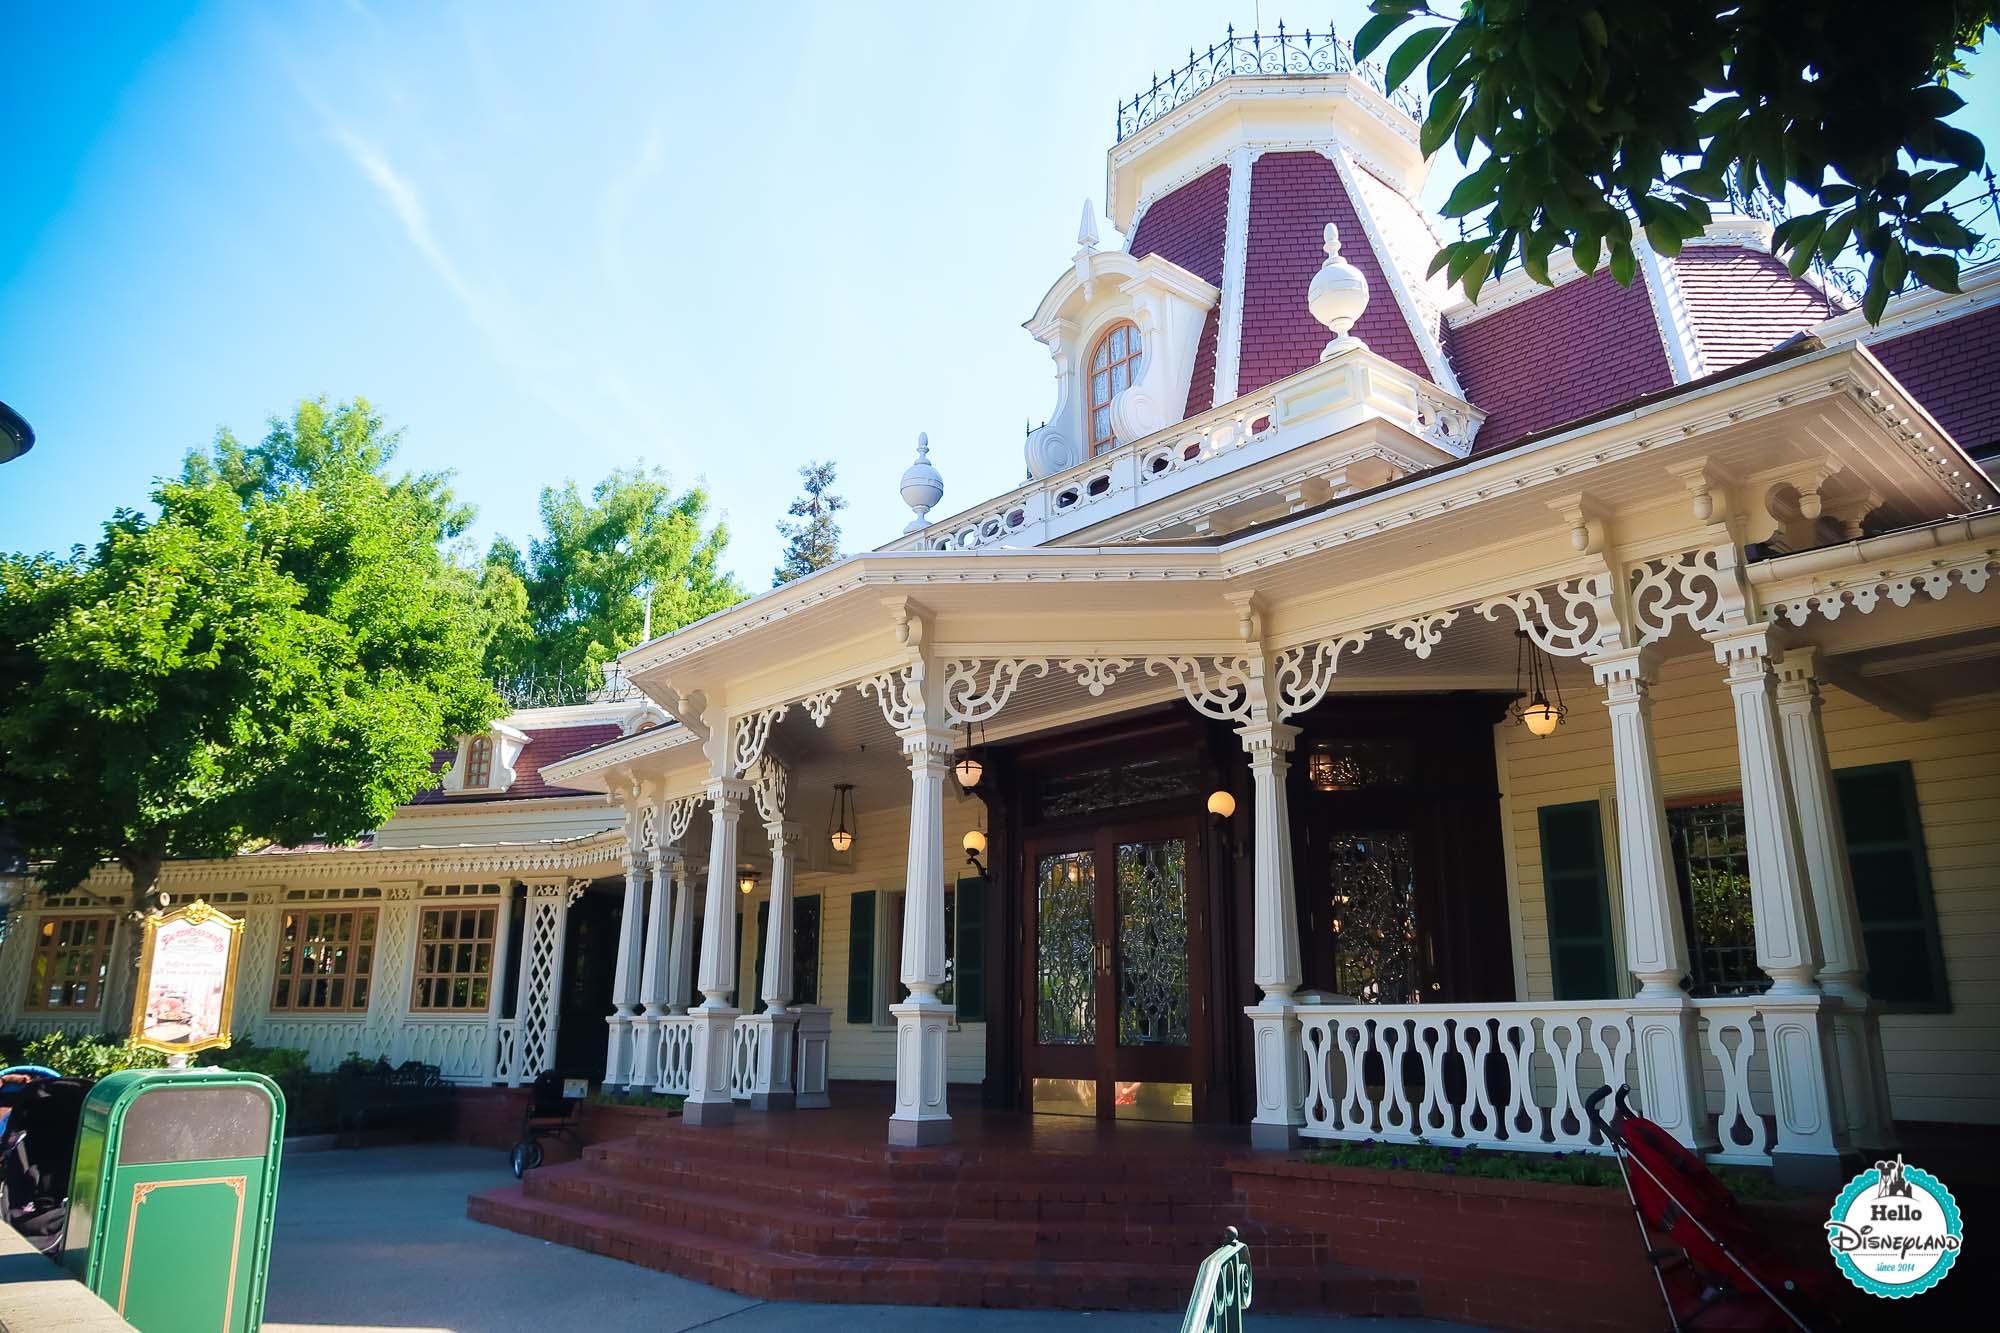 The Garden Cafe Disney